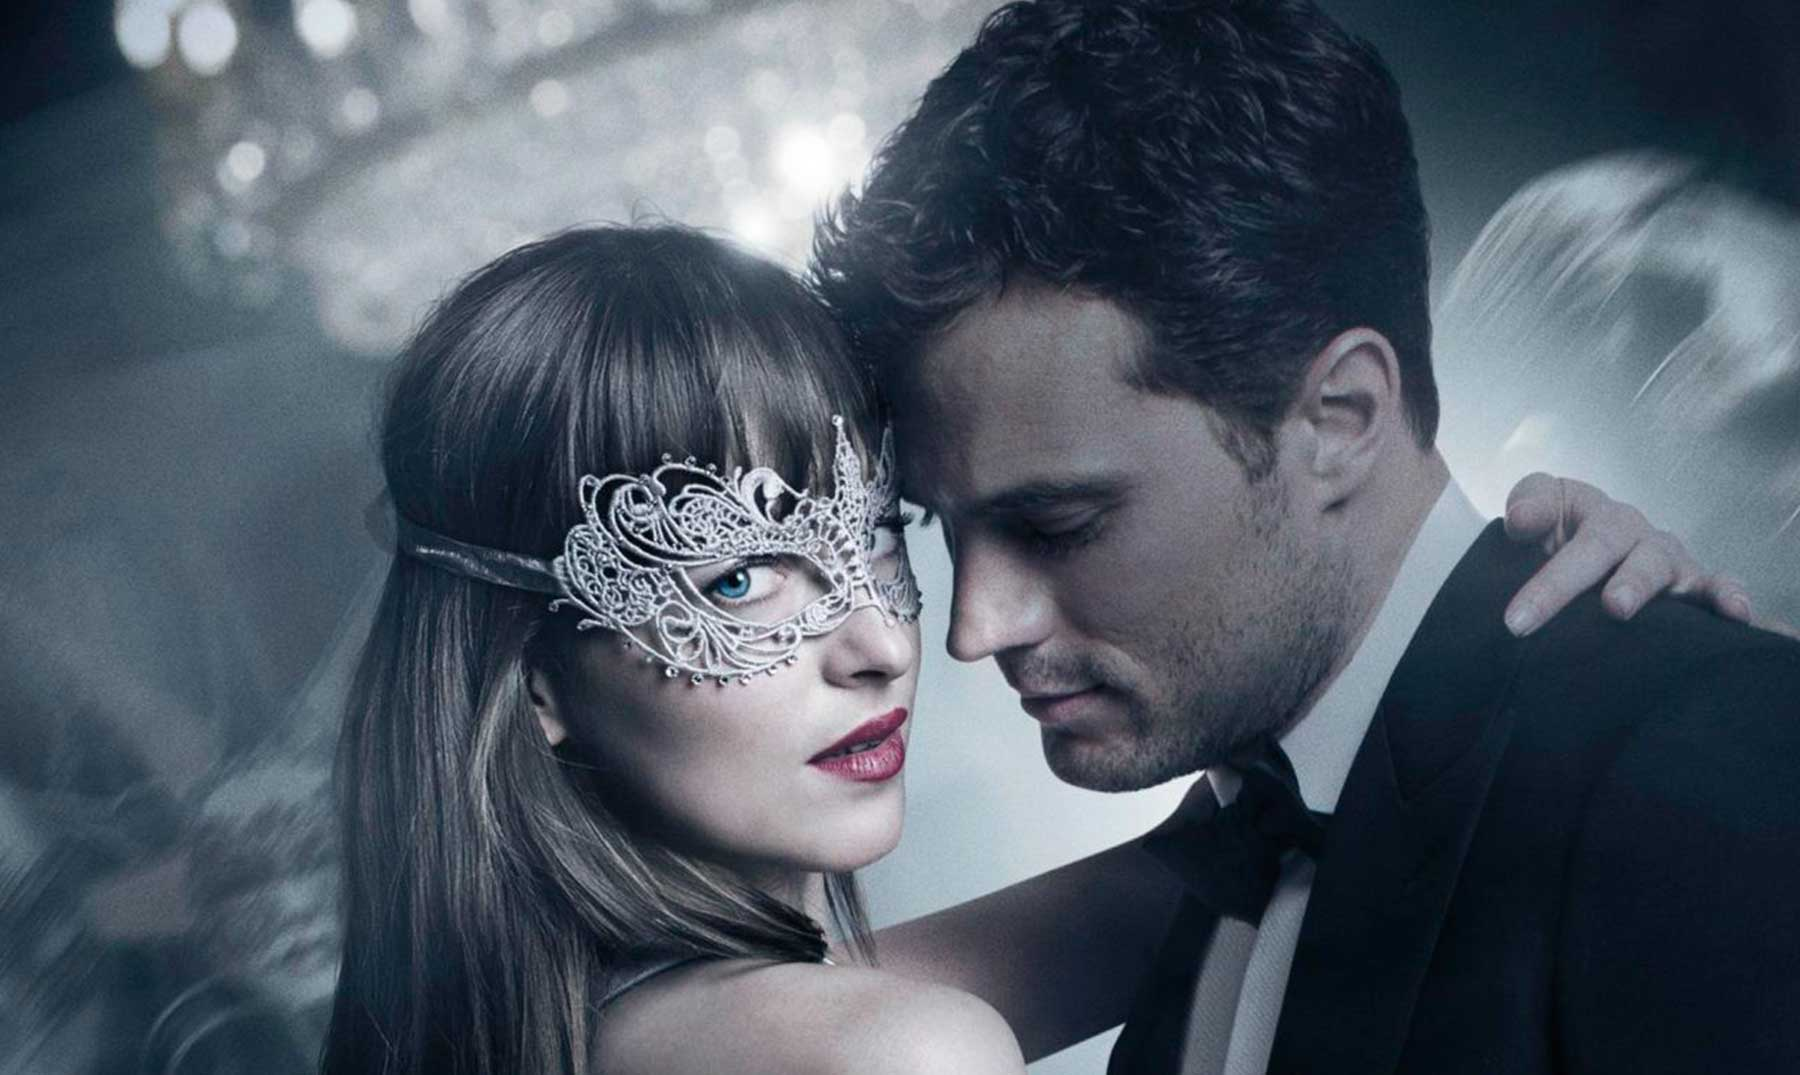 70 Frases De 50 Sombras De Grey Románticas Y Sensualescon Imágenes